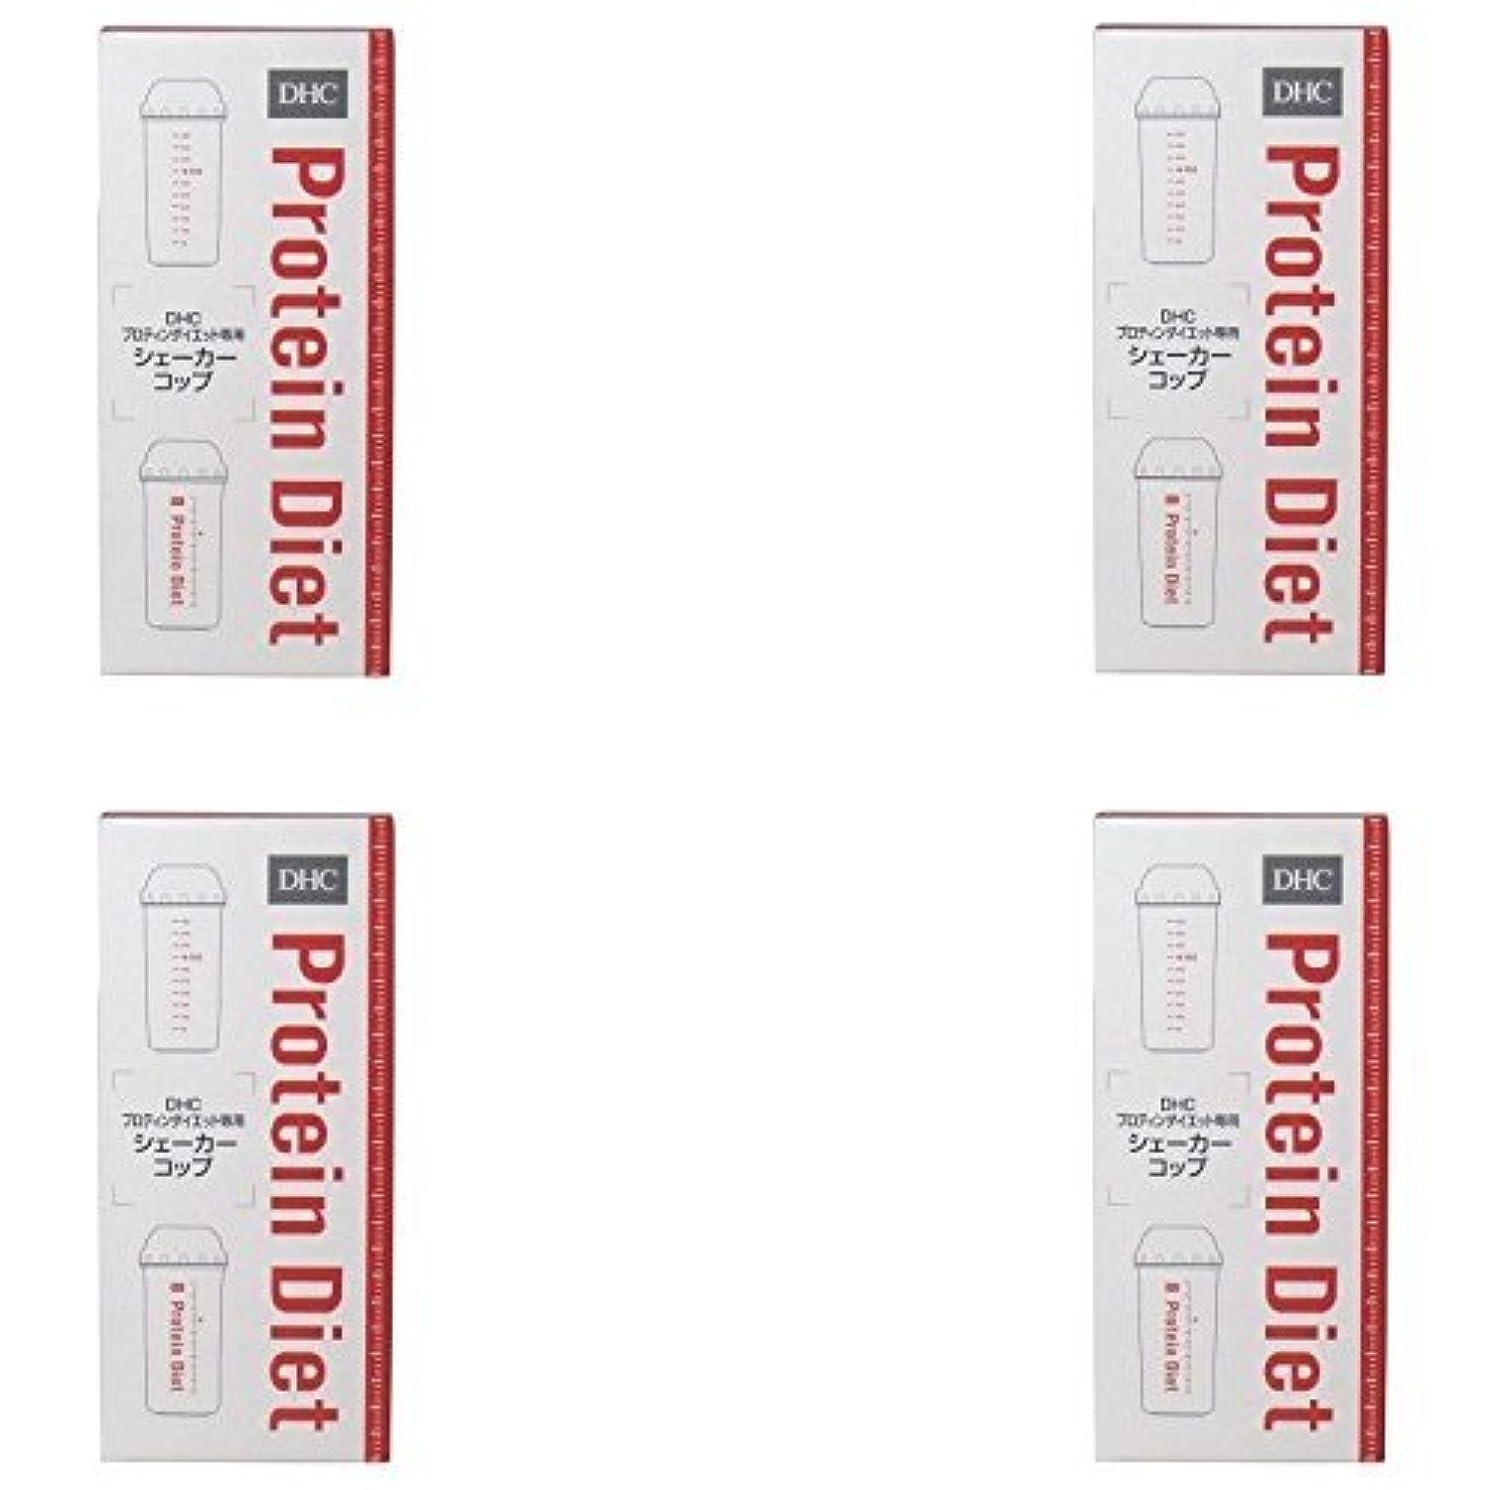 ミント経験者運賃【まとめ買い】DHC プロティンダイエット専用シェーカーコップ 1個【×4セット】